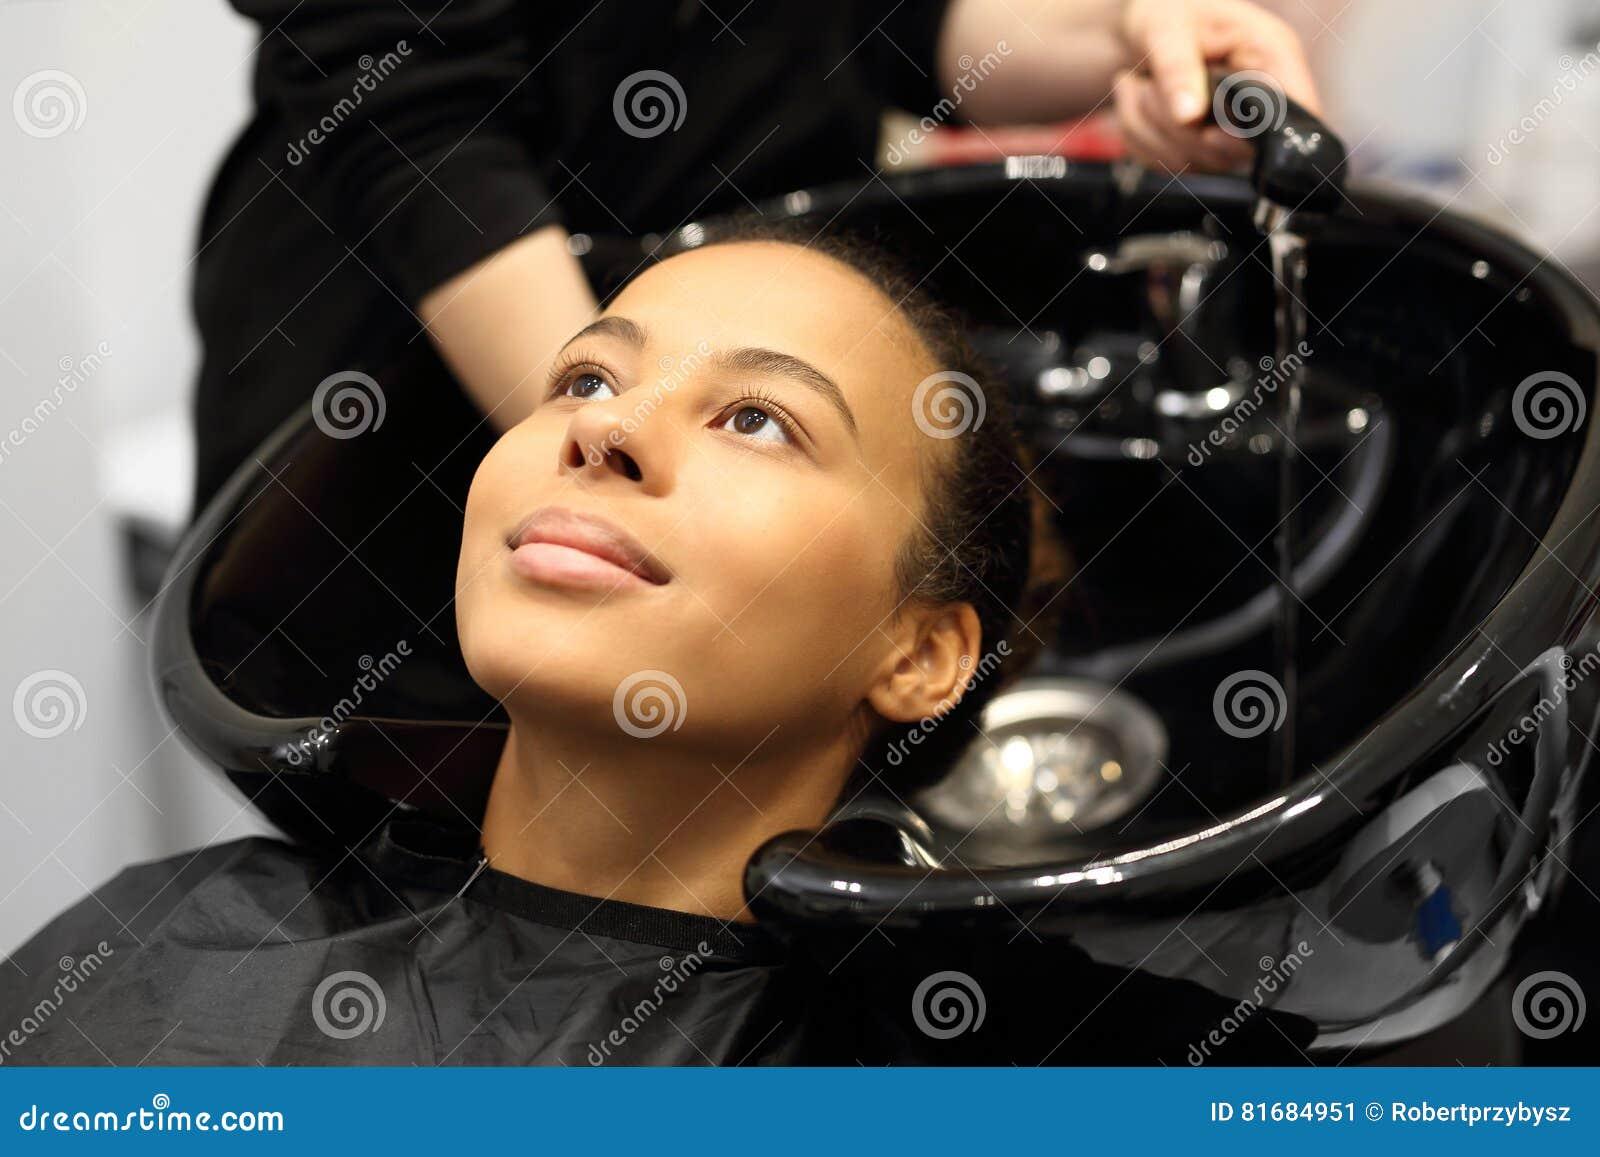 Washoofd in een haarsalon